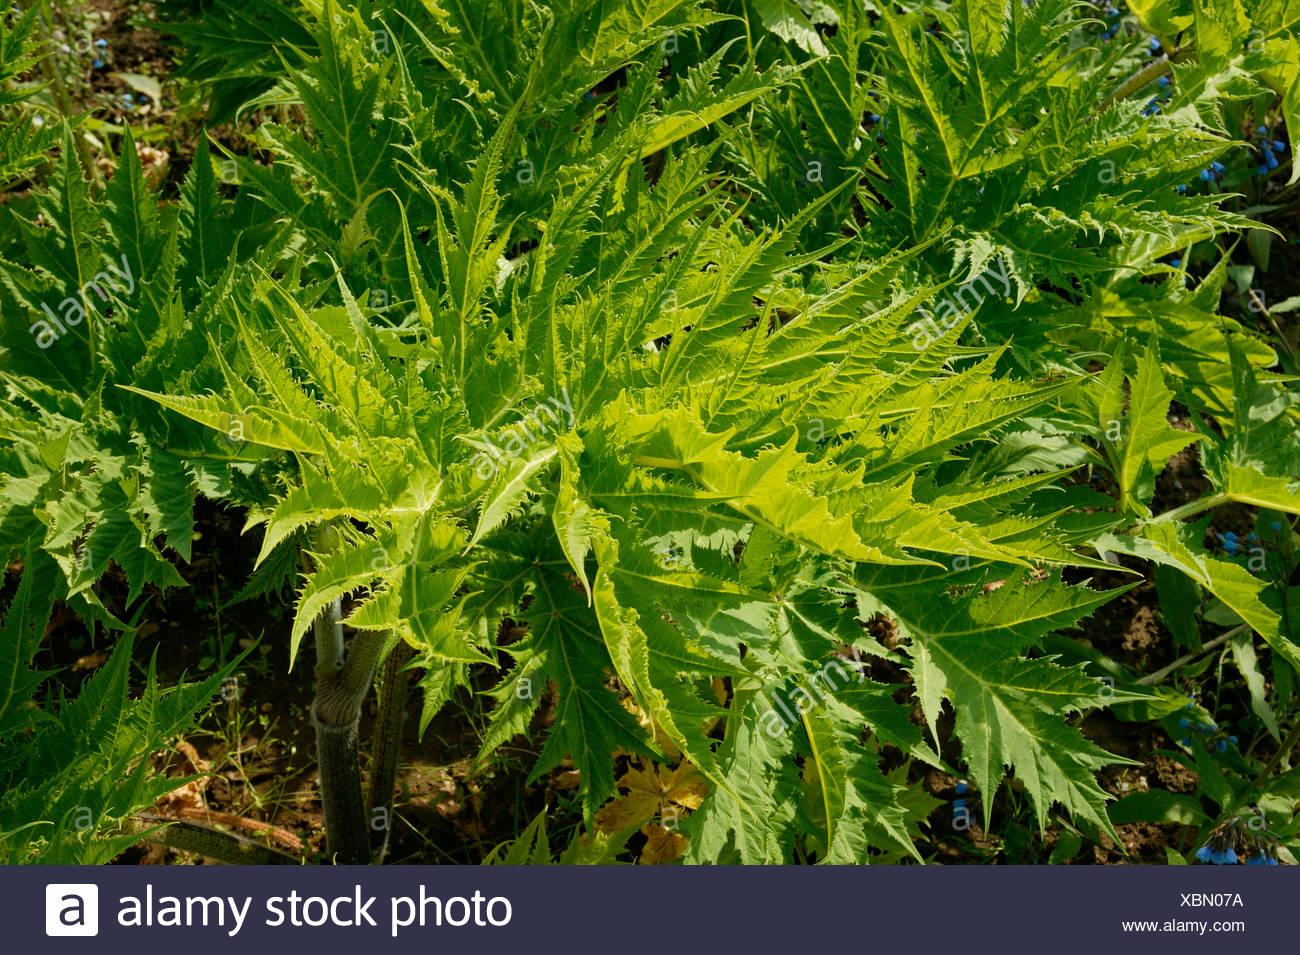 Giant hogweed (Heracleum mantegazzianum) Stock Photo